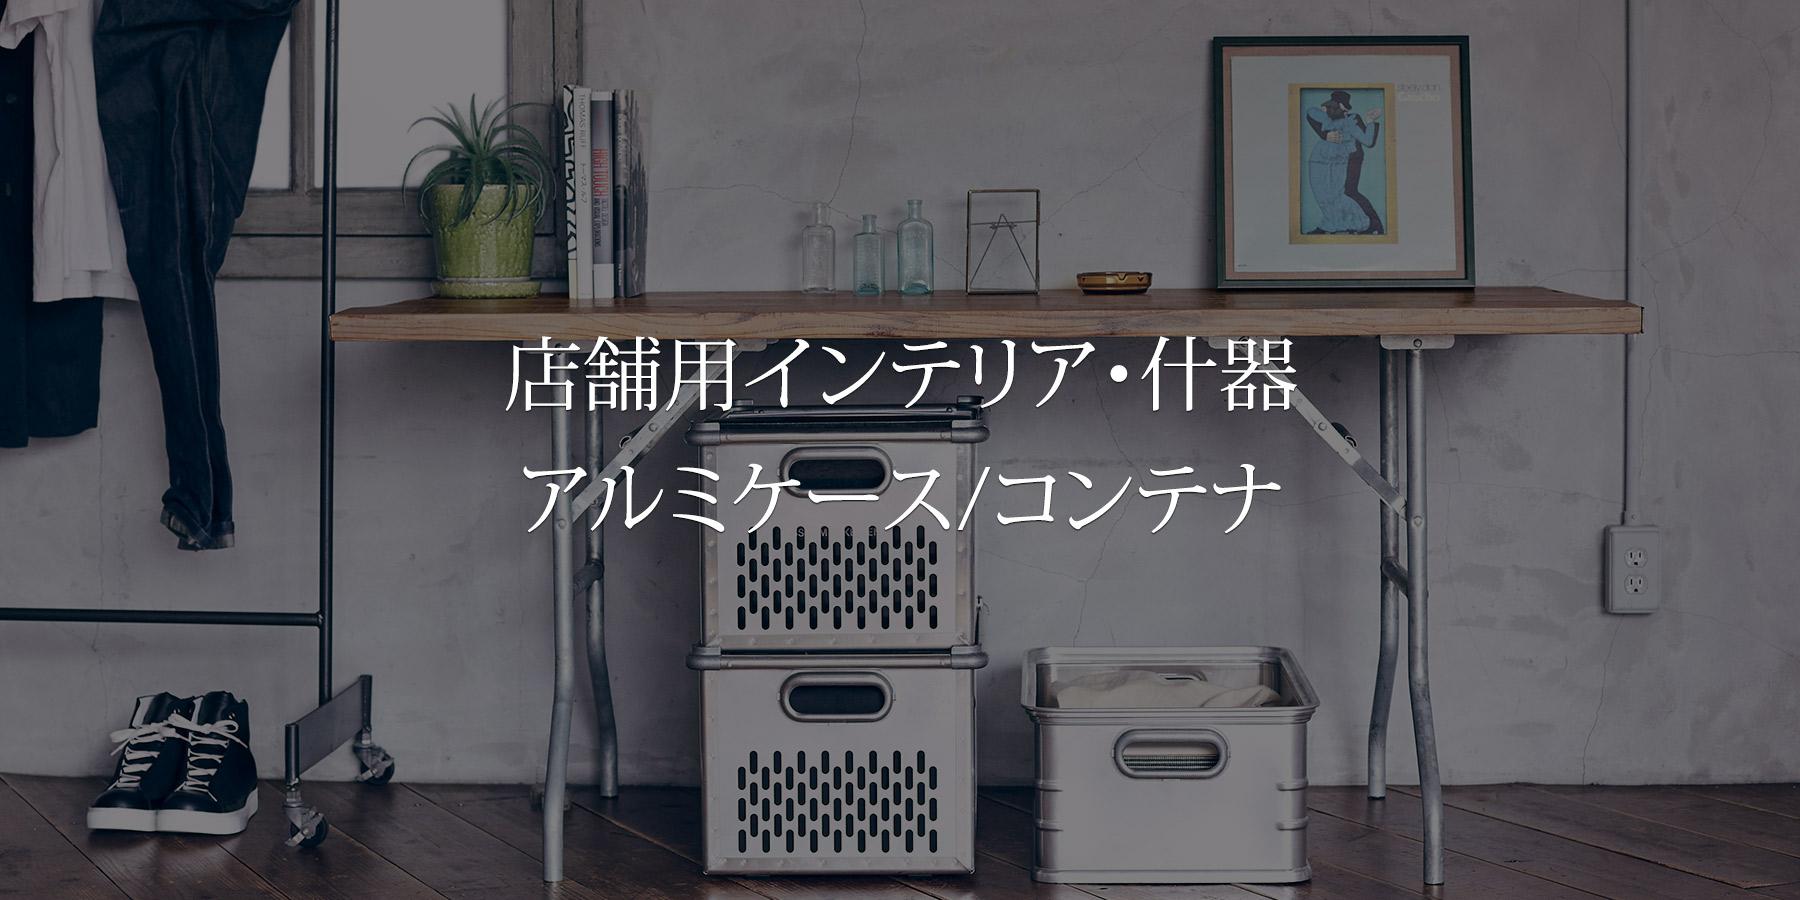 店舗用インテリア・什器 アルミケース/コンテナ